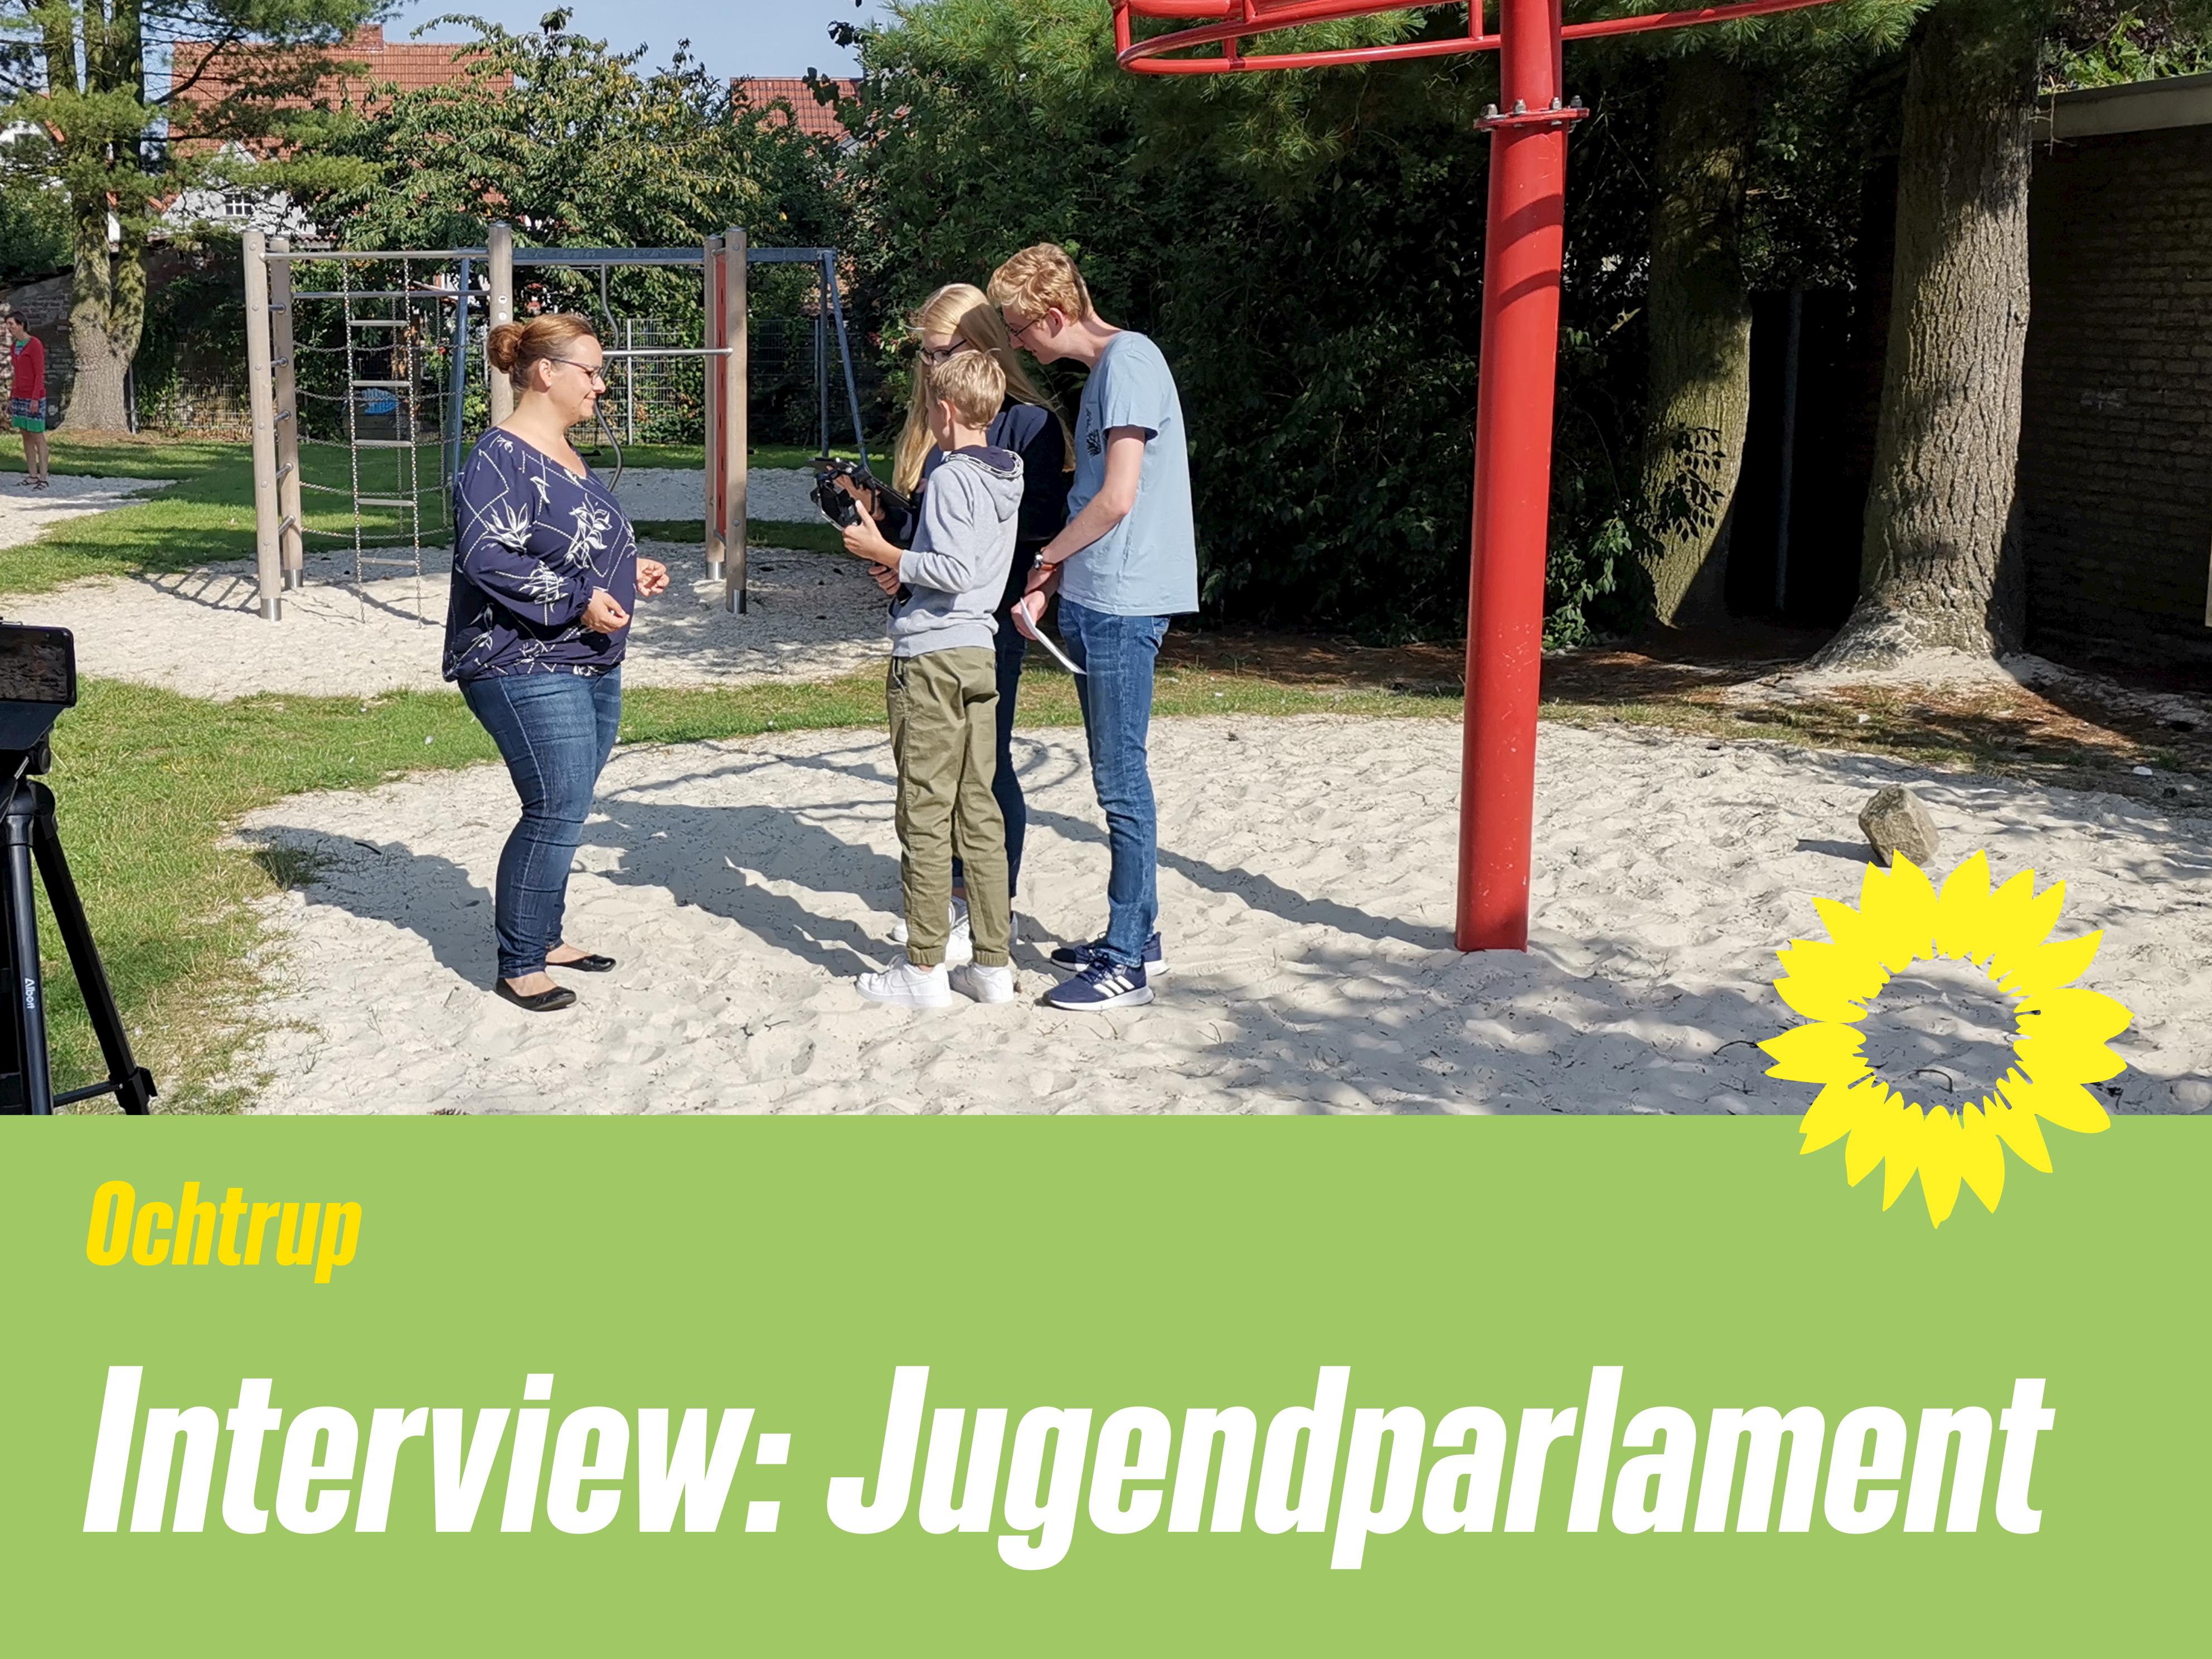 Interview: Jugendparlament Ochtrup